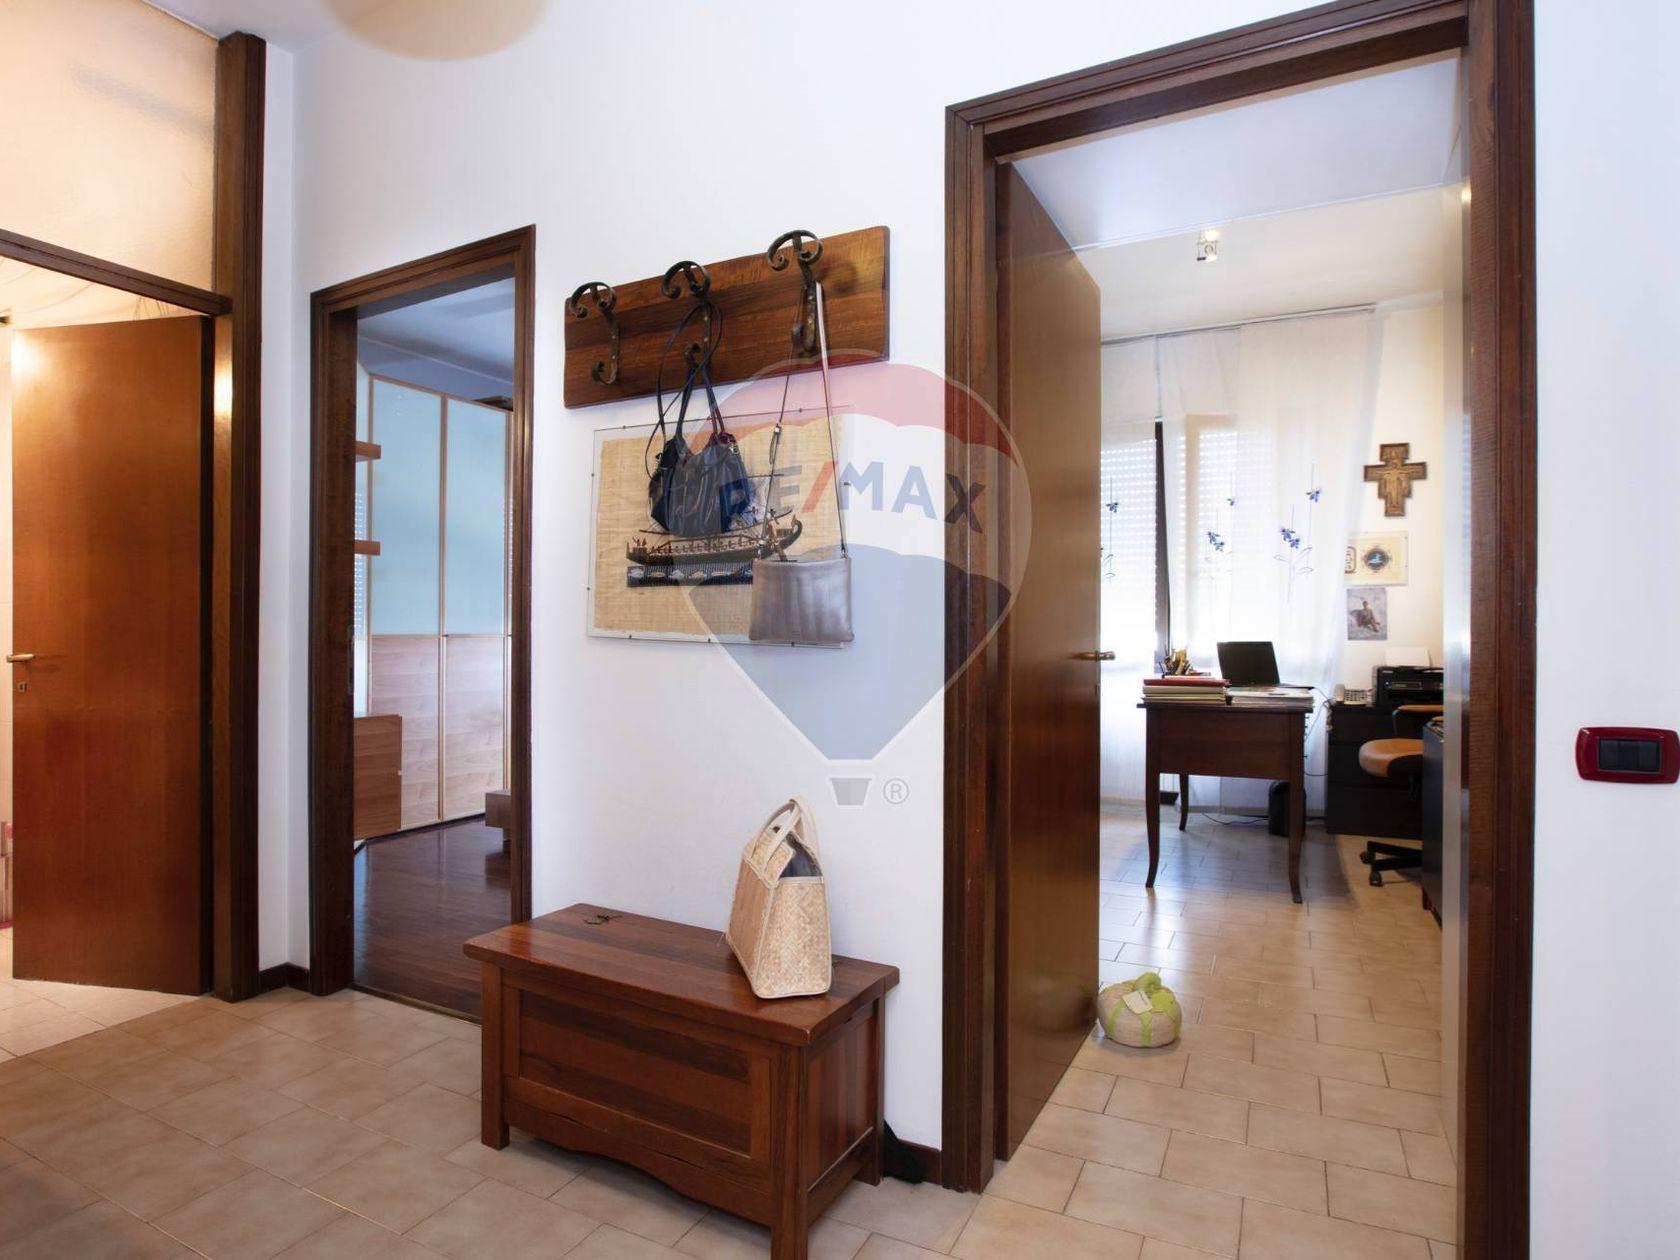 Appartamento Zona San Carlo, Rho, MI Vendita - Foto 22